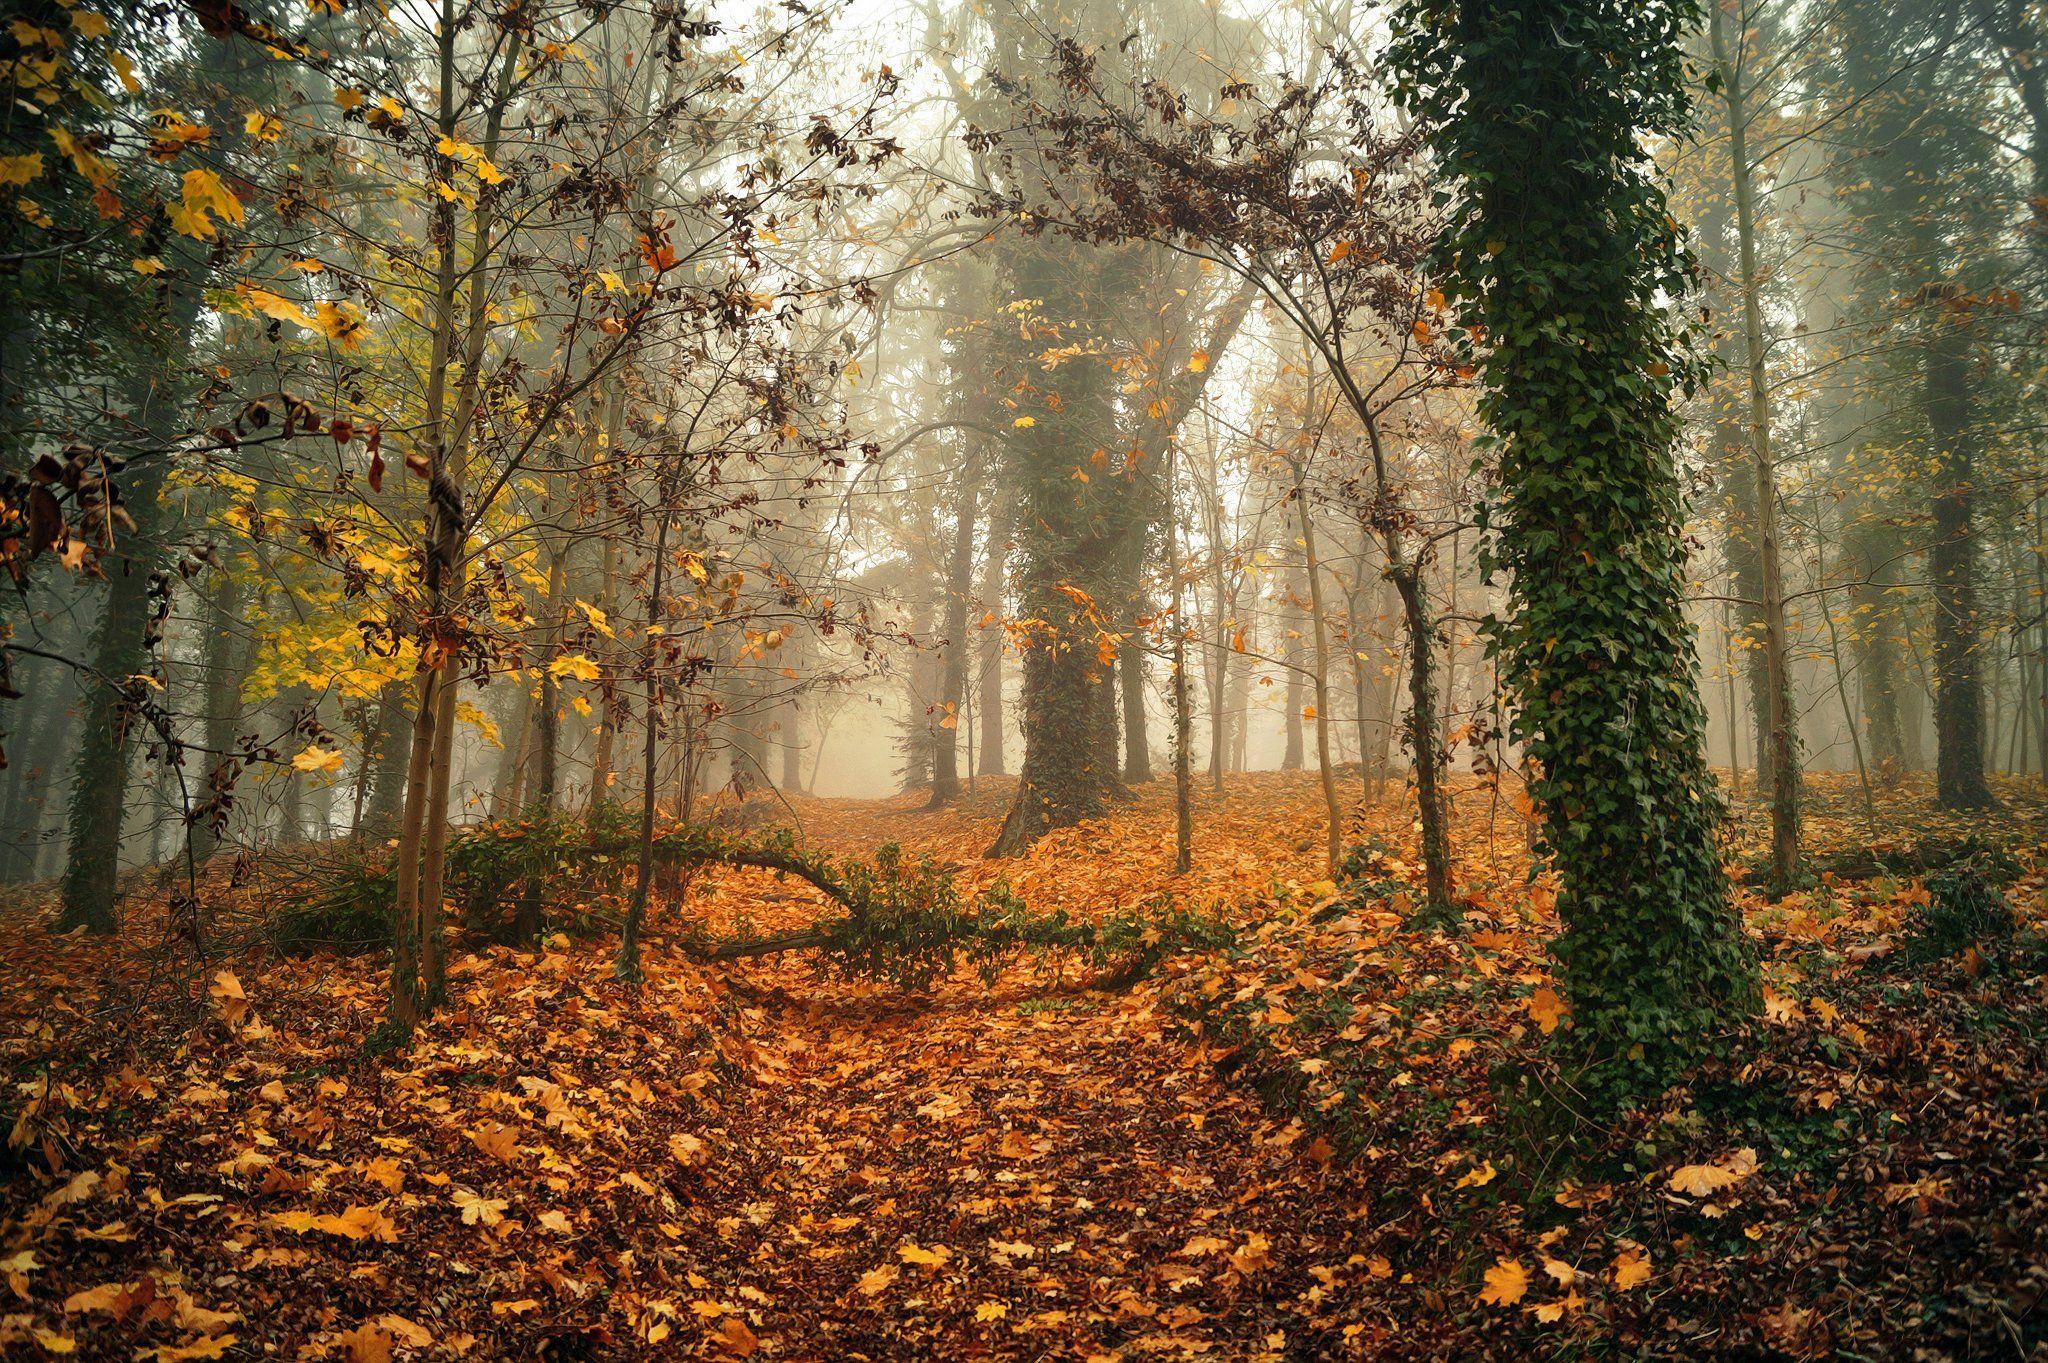 autumn, park, magic, mist, foggy, sony, dranikowski, trees, Radoslaw Dranikowski